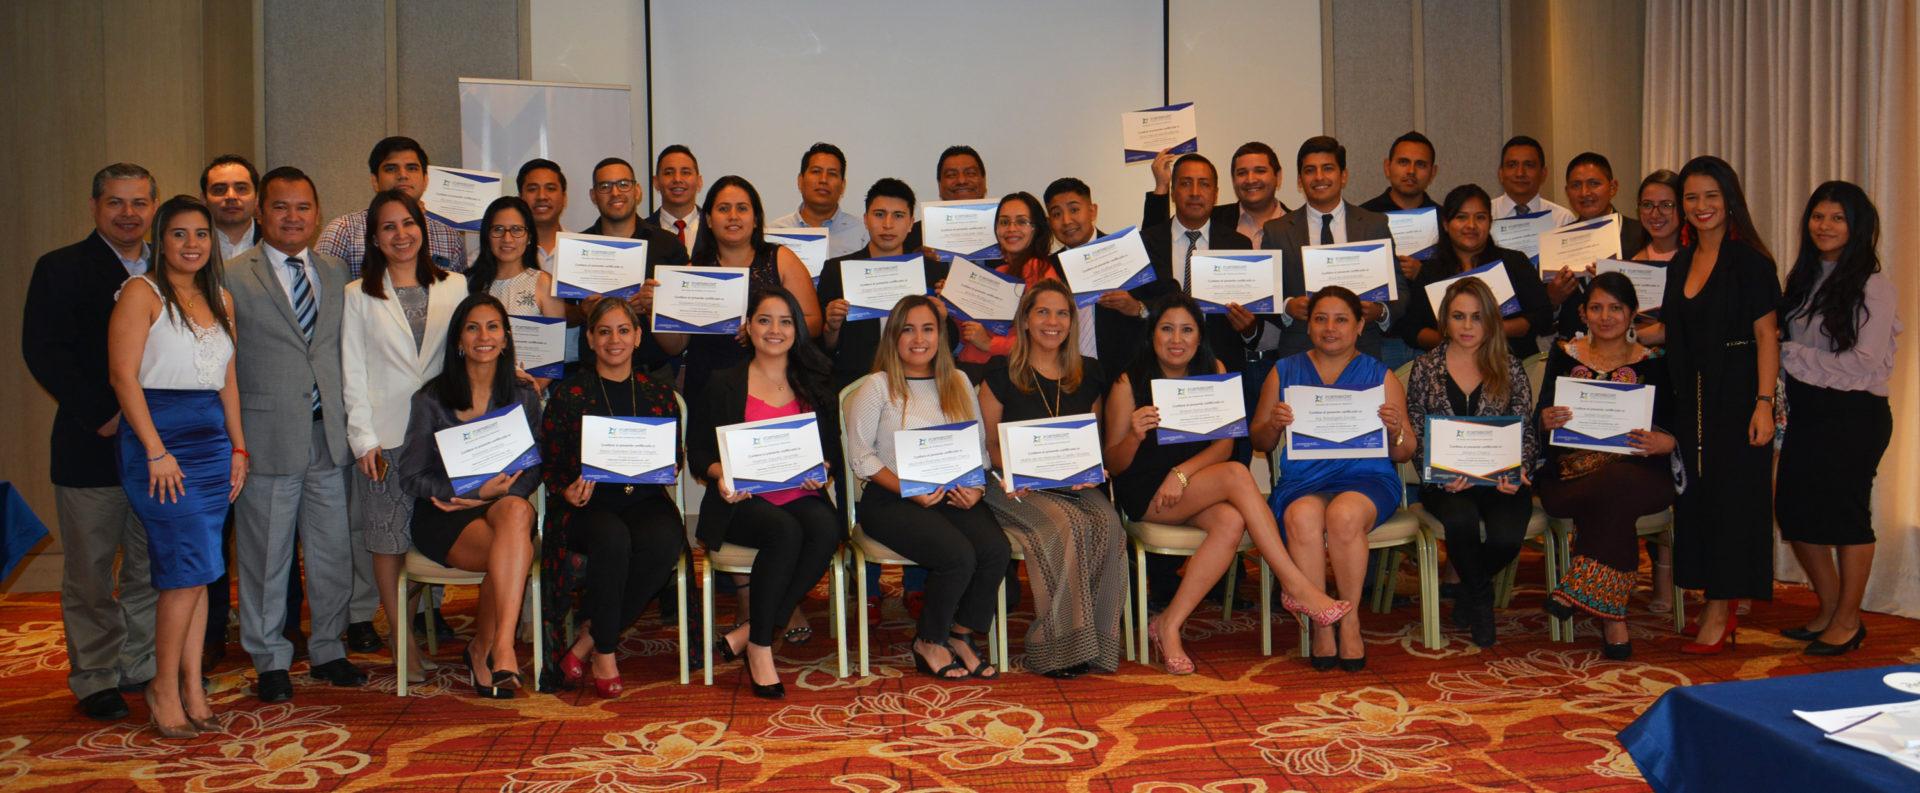 Ceremonia de Cierre del Diplomado en Gestión de Importaciones DGI – Guayaquil y Cuenca